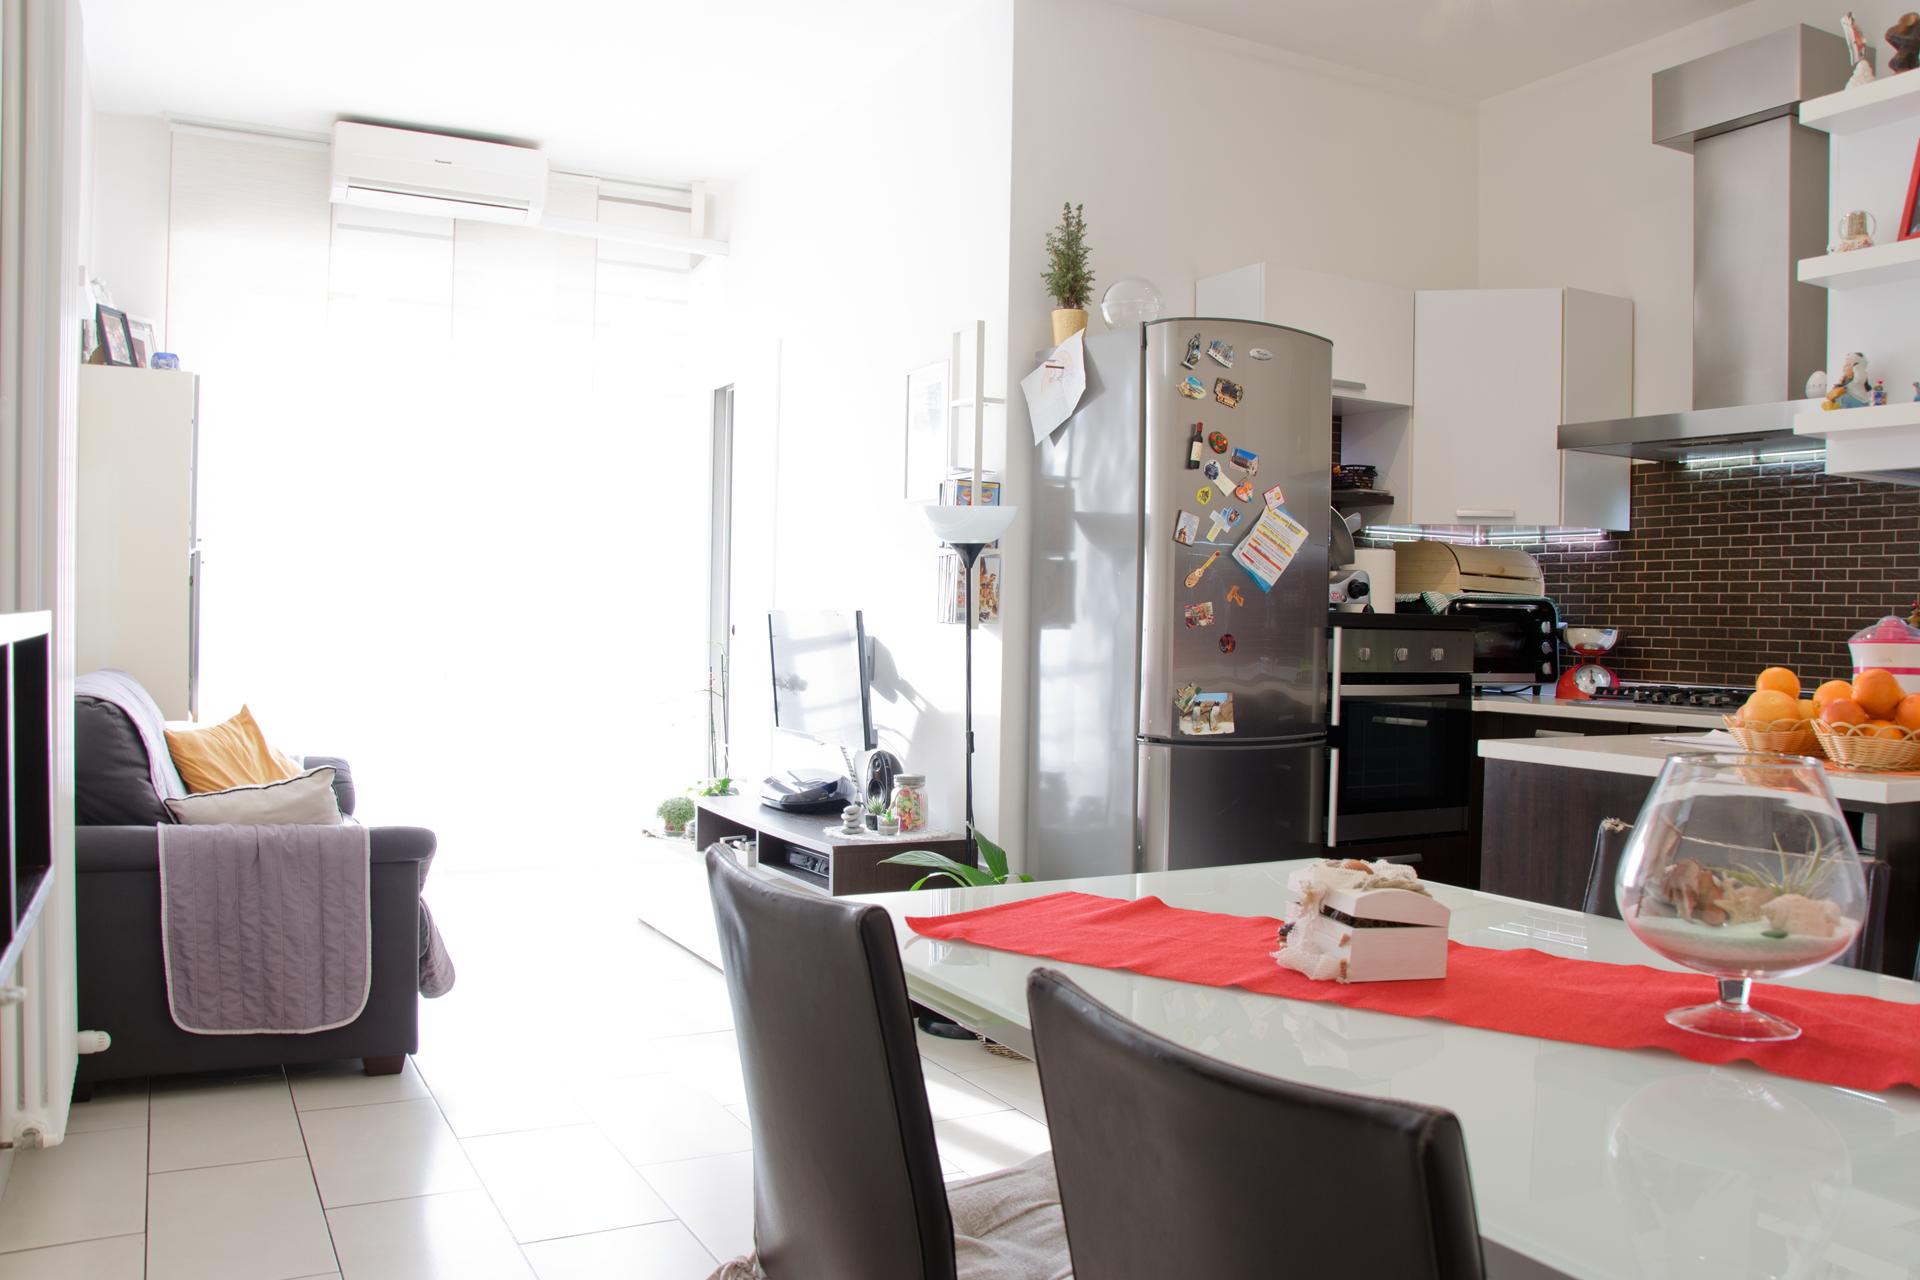 L'Agenzia Immobiliare Puzielli propone trilocale al centro di Porto San Giorgio